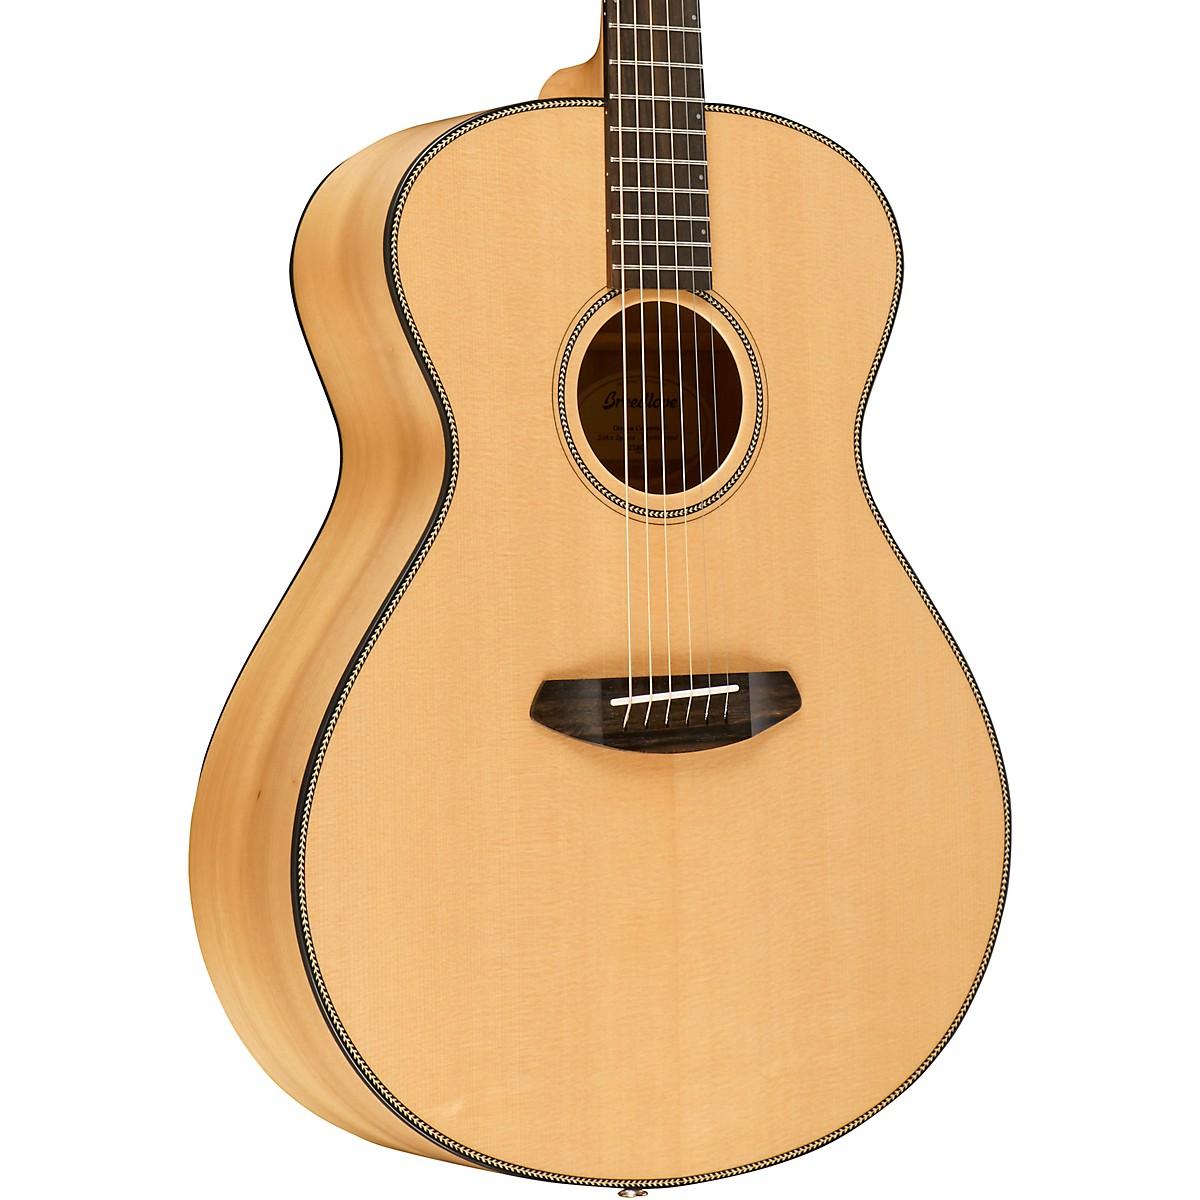 Breedlove Oregon Concerto E Sitka Spruce - Myrtlewood Acoustic-Electric Guitar